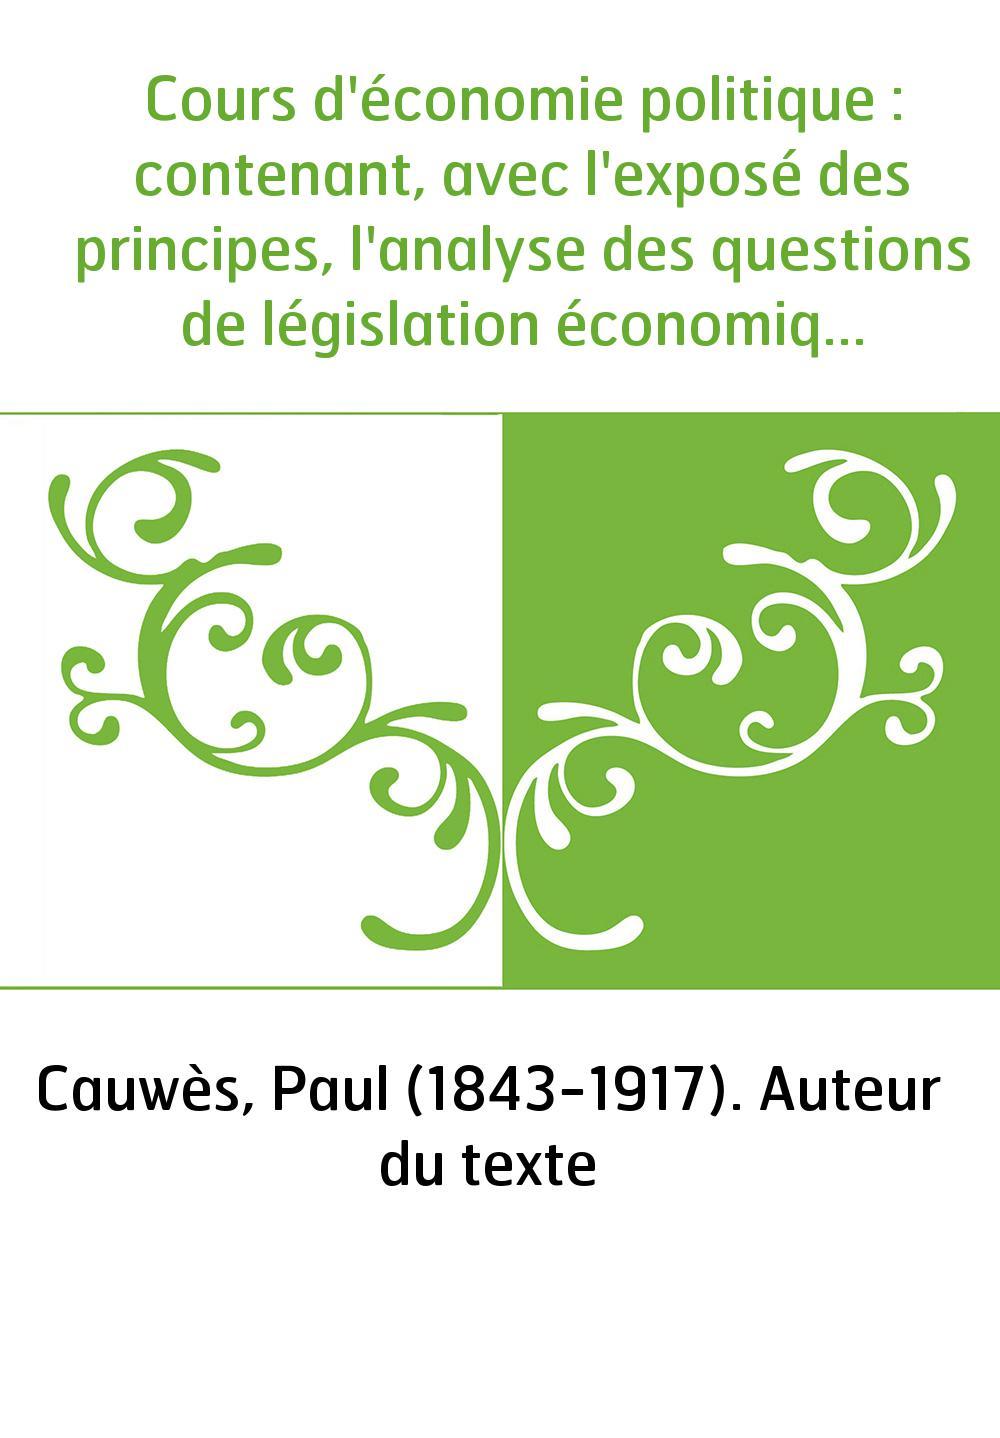 Cours d'économie politique : contenant, avec l'exposé des principes, l'analyse des questions de législation économique. T. 4 / p